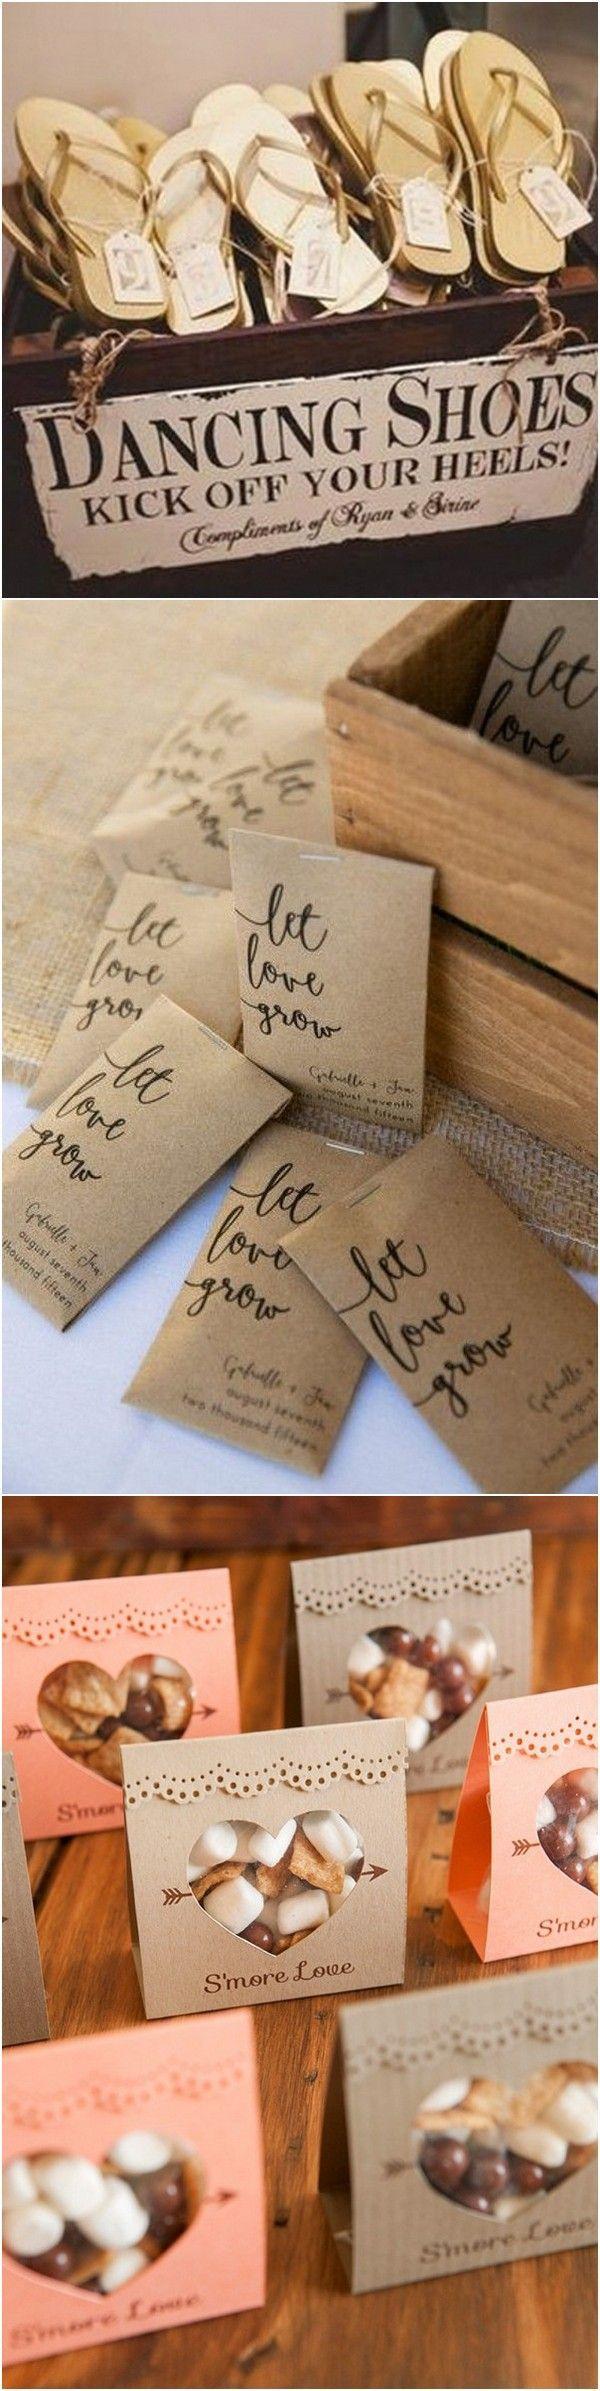 Top 10 Unique Wedding Favor Ideas Your Guests Love 2748125 Weddbook